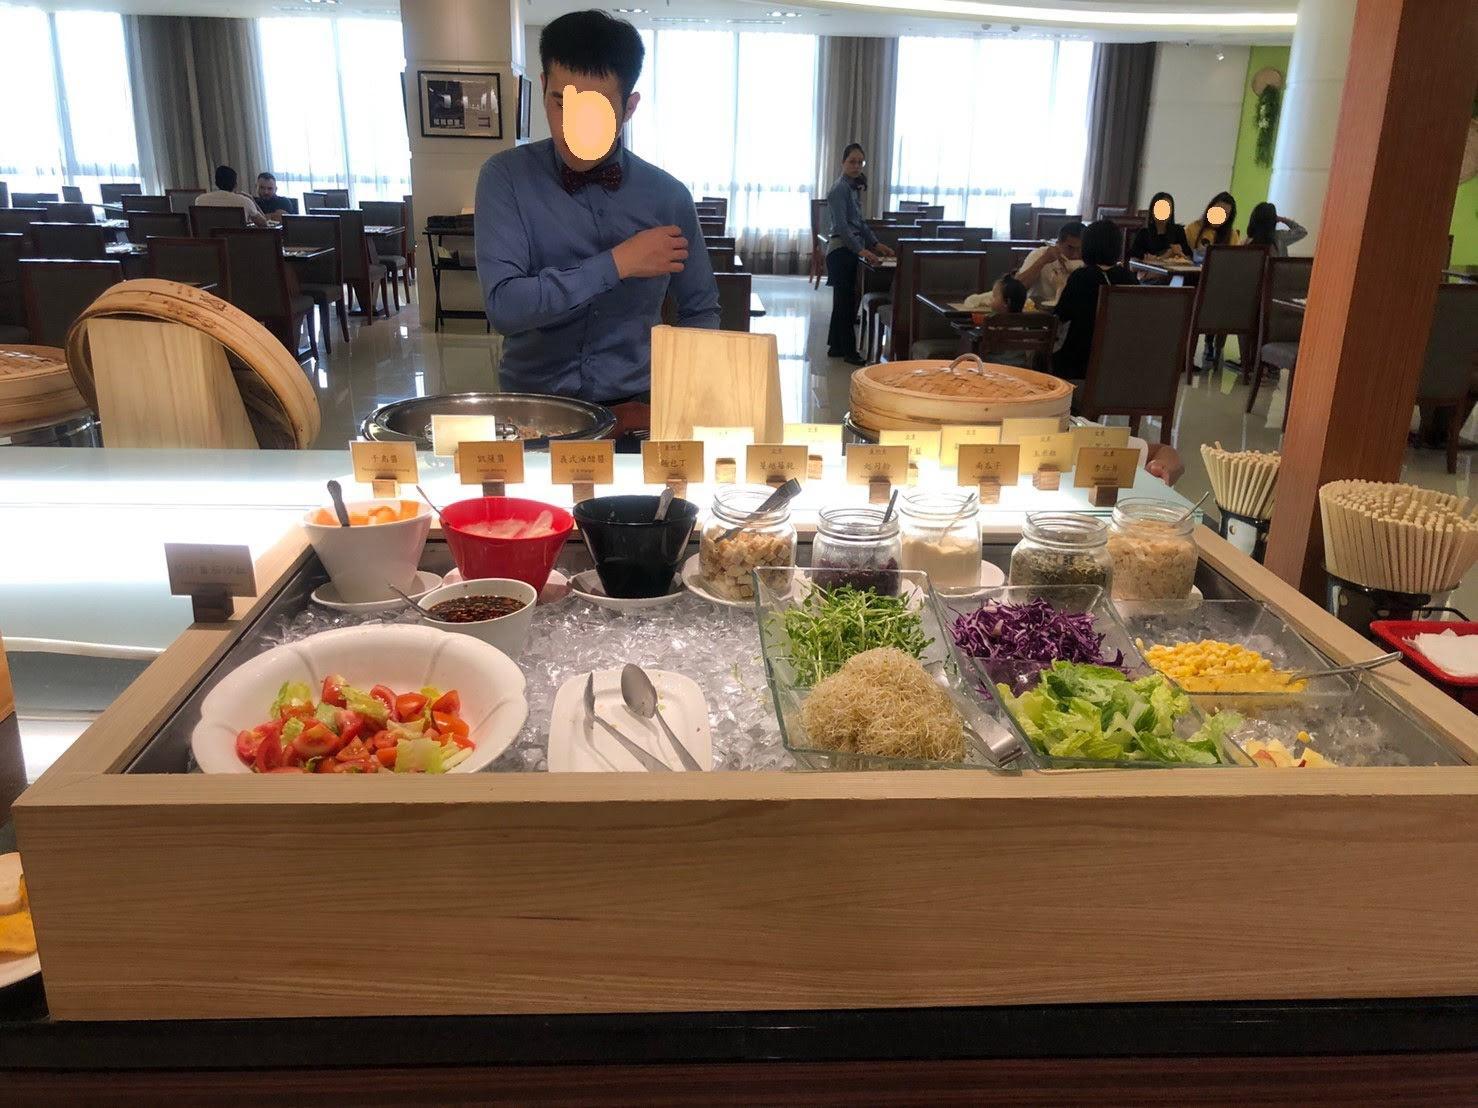 H&D幸福小屋: 花蓮阿思瑪麗景大飯店·素食早餐篇(六)2019.5.25-27三天二夜花東行